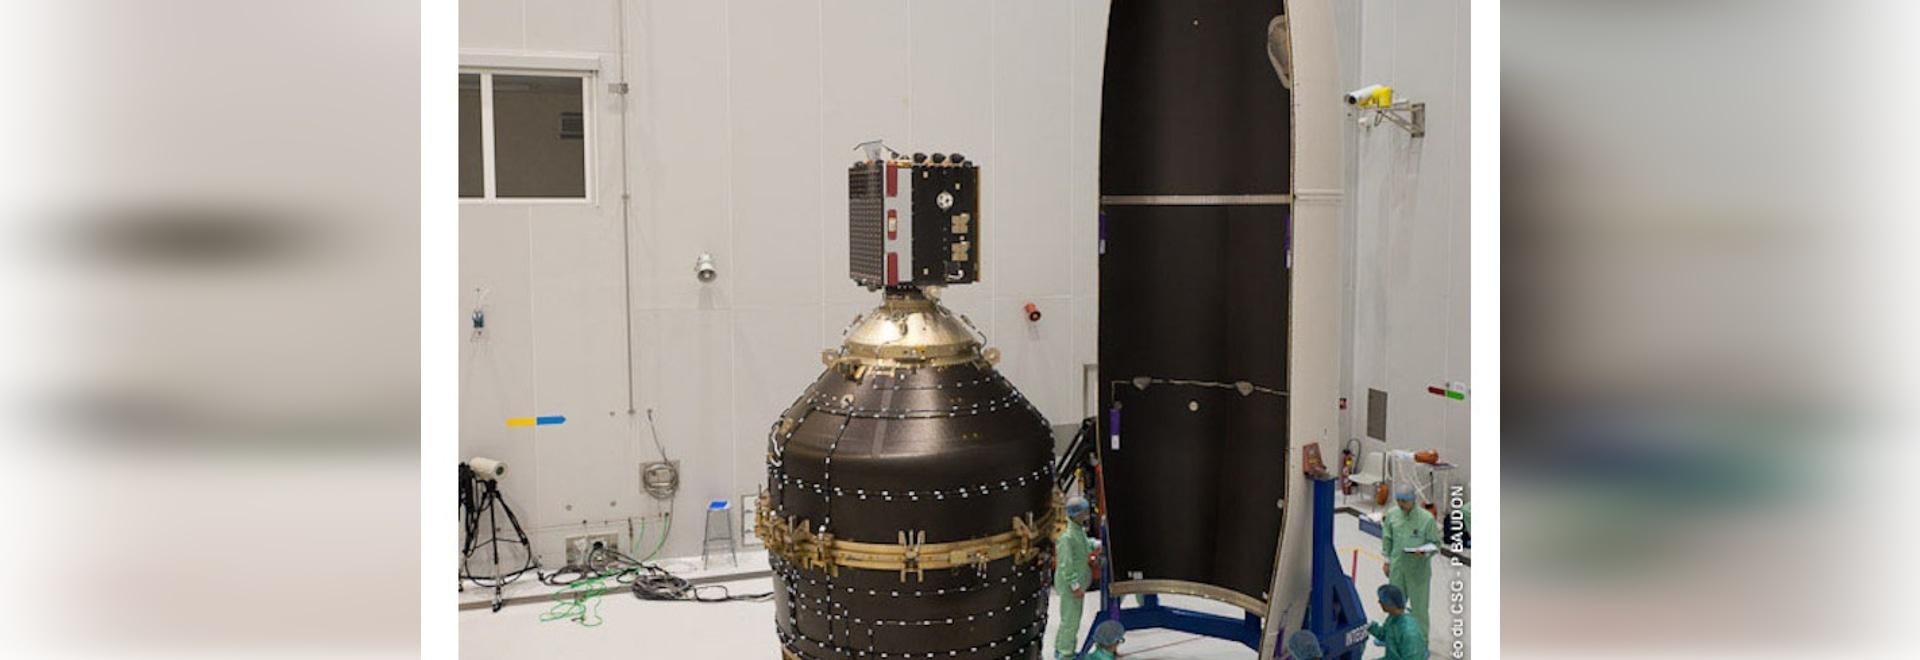 L'Agenzia spaziale europea lancia un robot per ripulire lo spazio